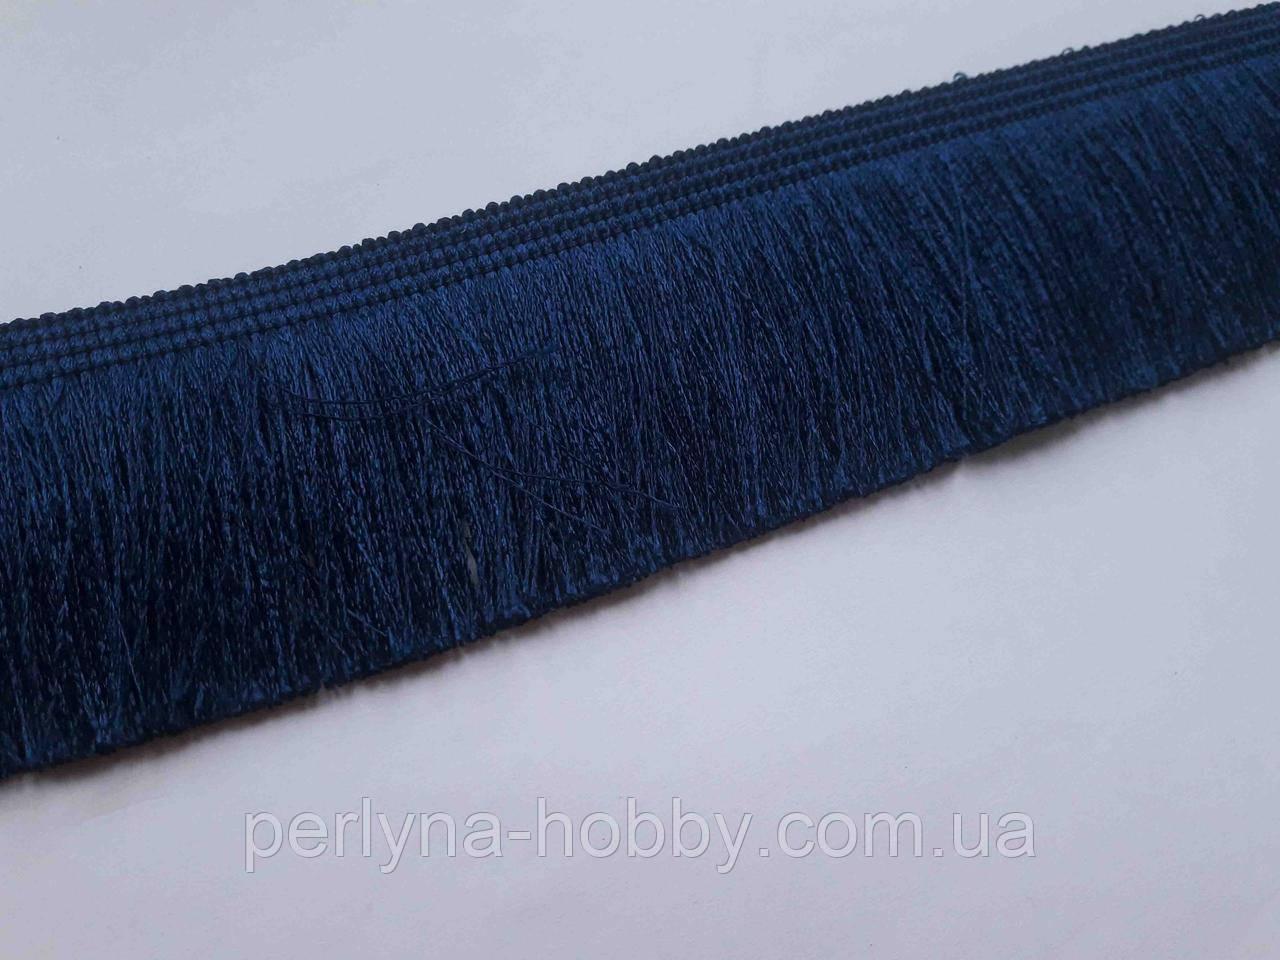 Бахрома декороративна шовкова різана, 5 см, синя темна.